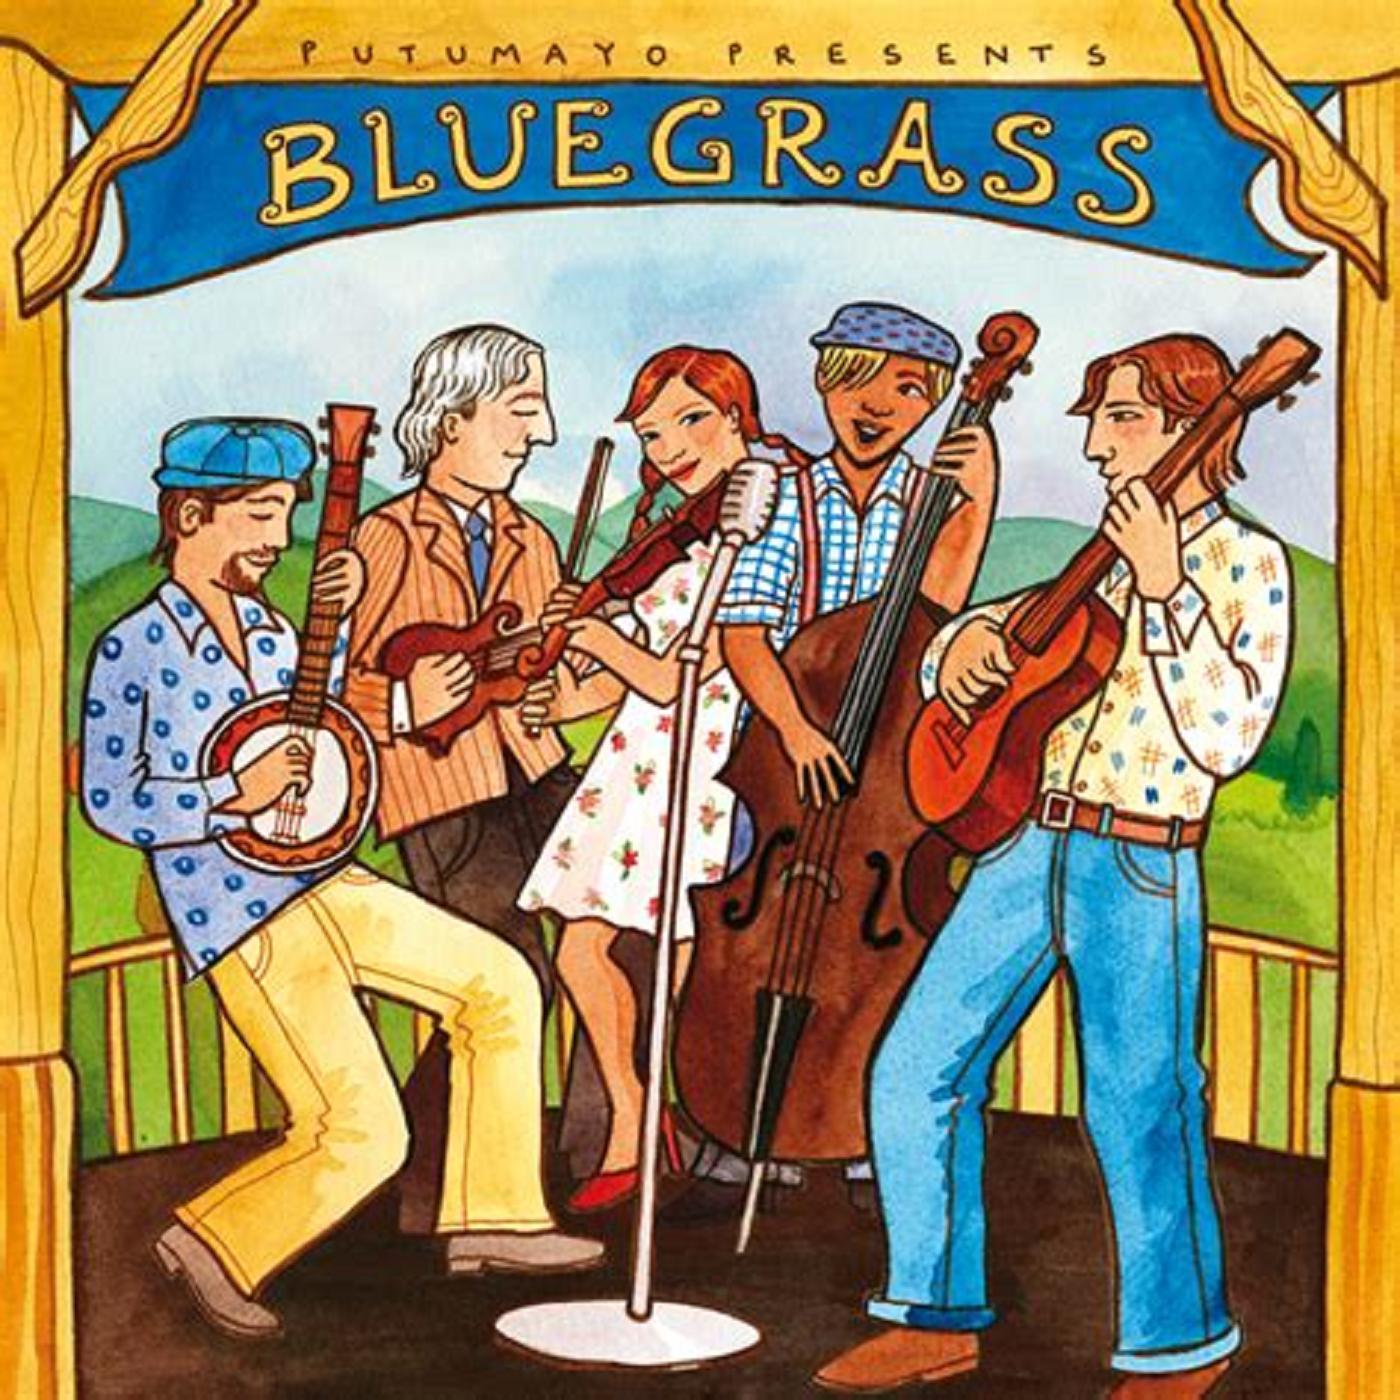 Best of Bluegrass With Trevor Ruffell